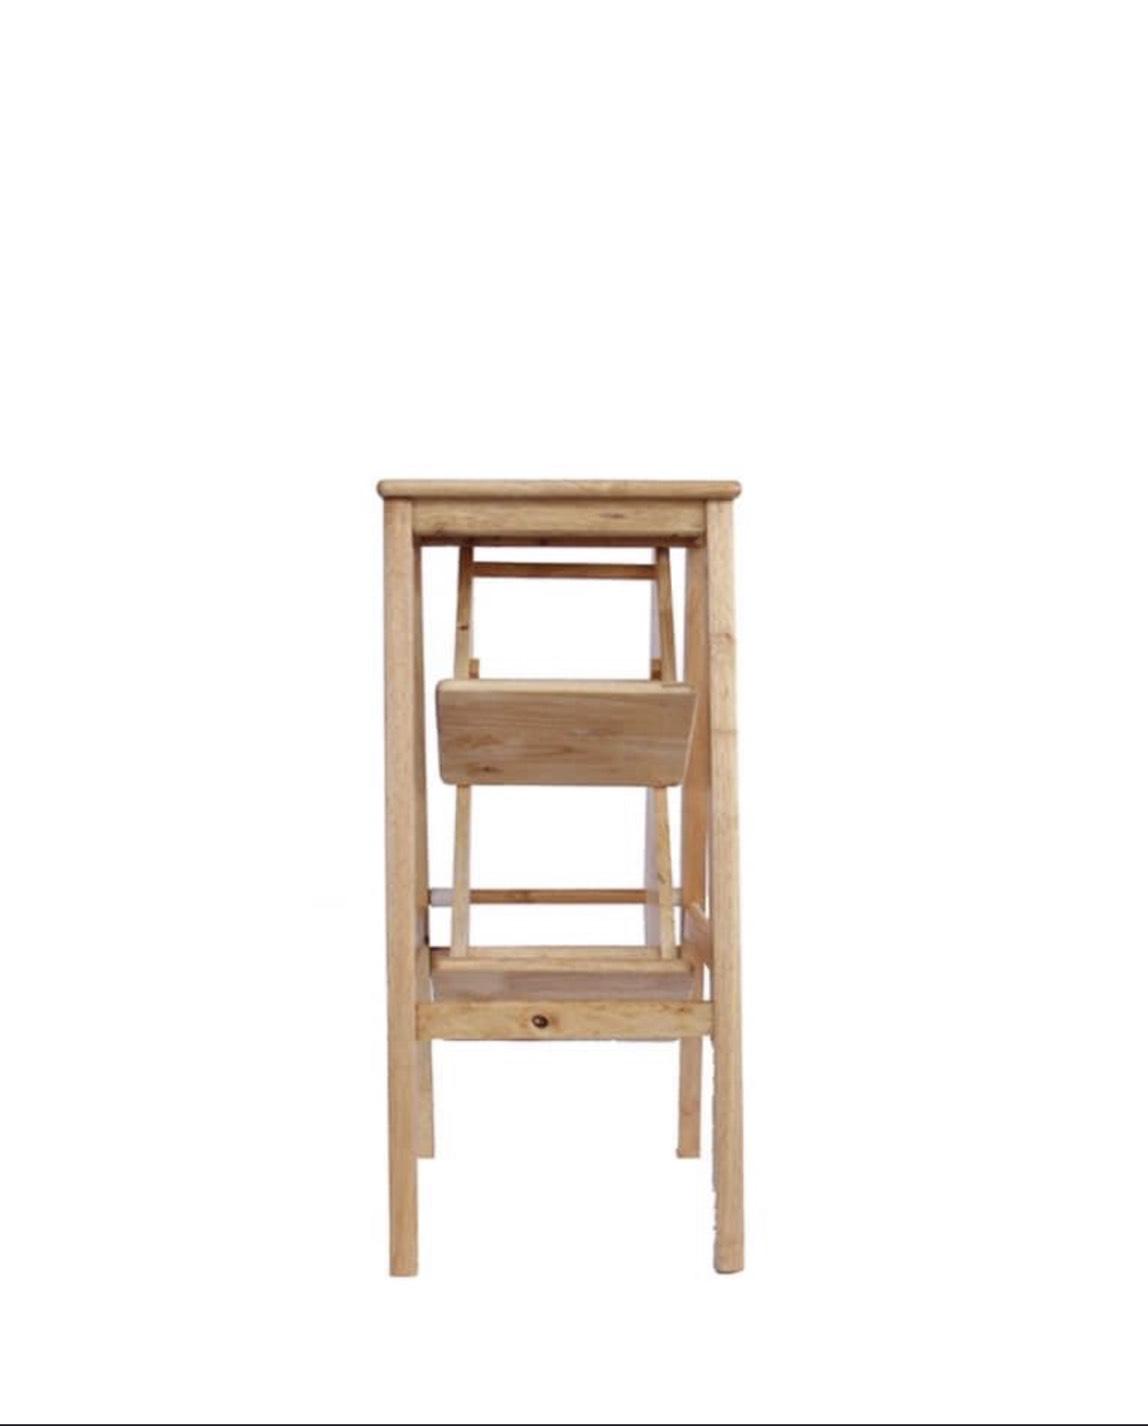 Ghế thắp nhang gỗ cao su tự nhiên  gấp 3 tầng cao 85cm - TL223